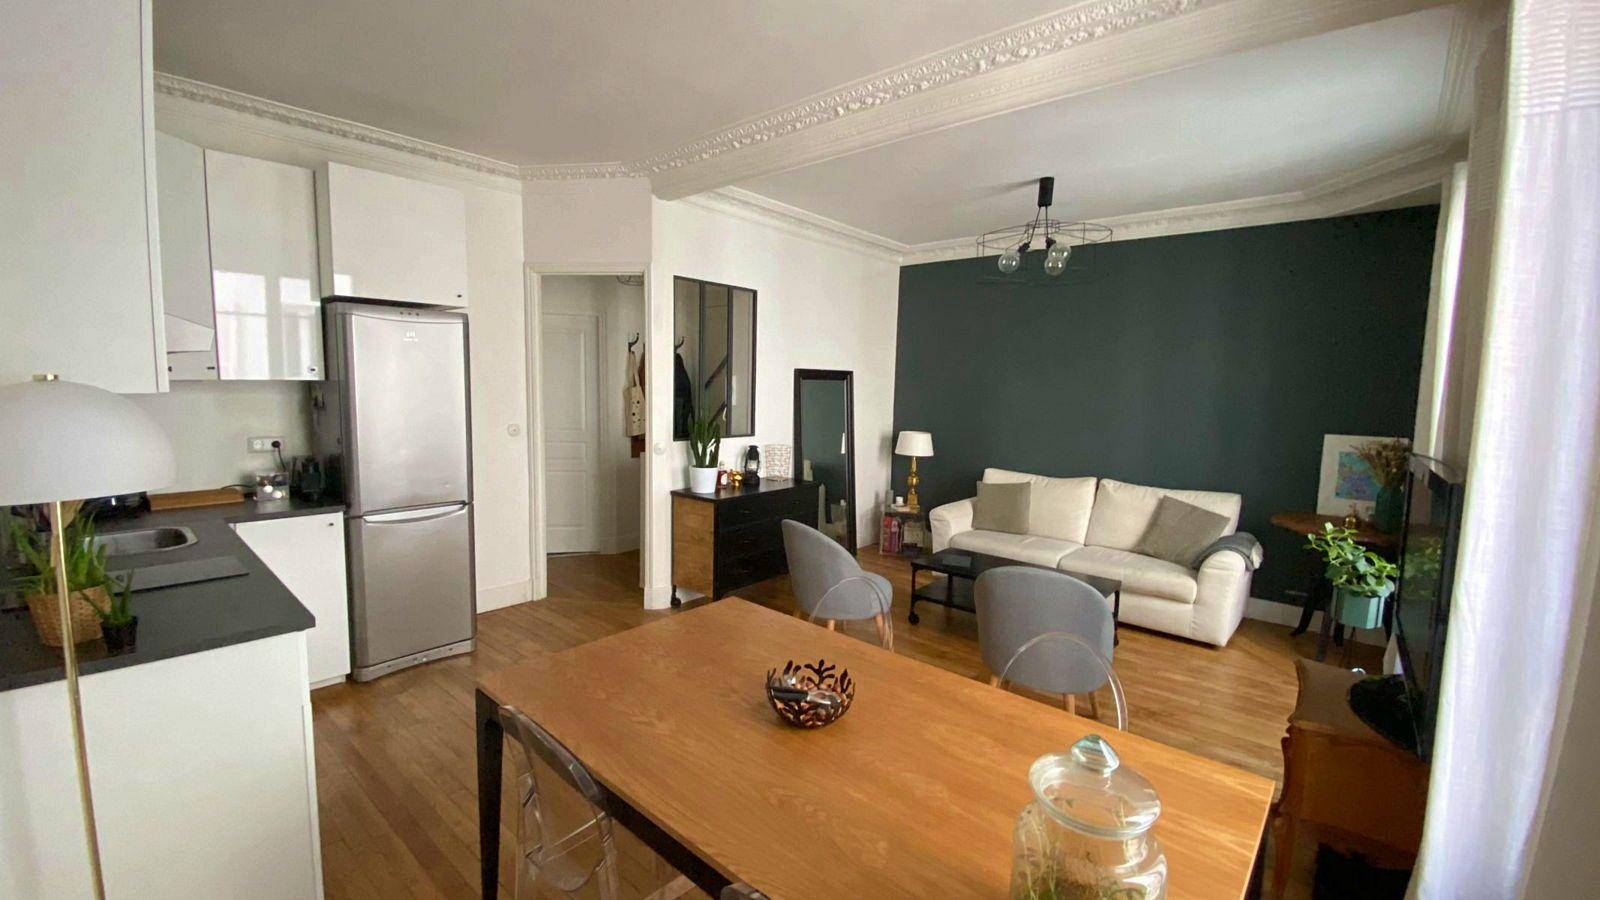 Vends appartement 38m²/ beau 2pièces, Levallois Louise Michel